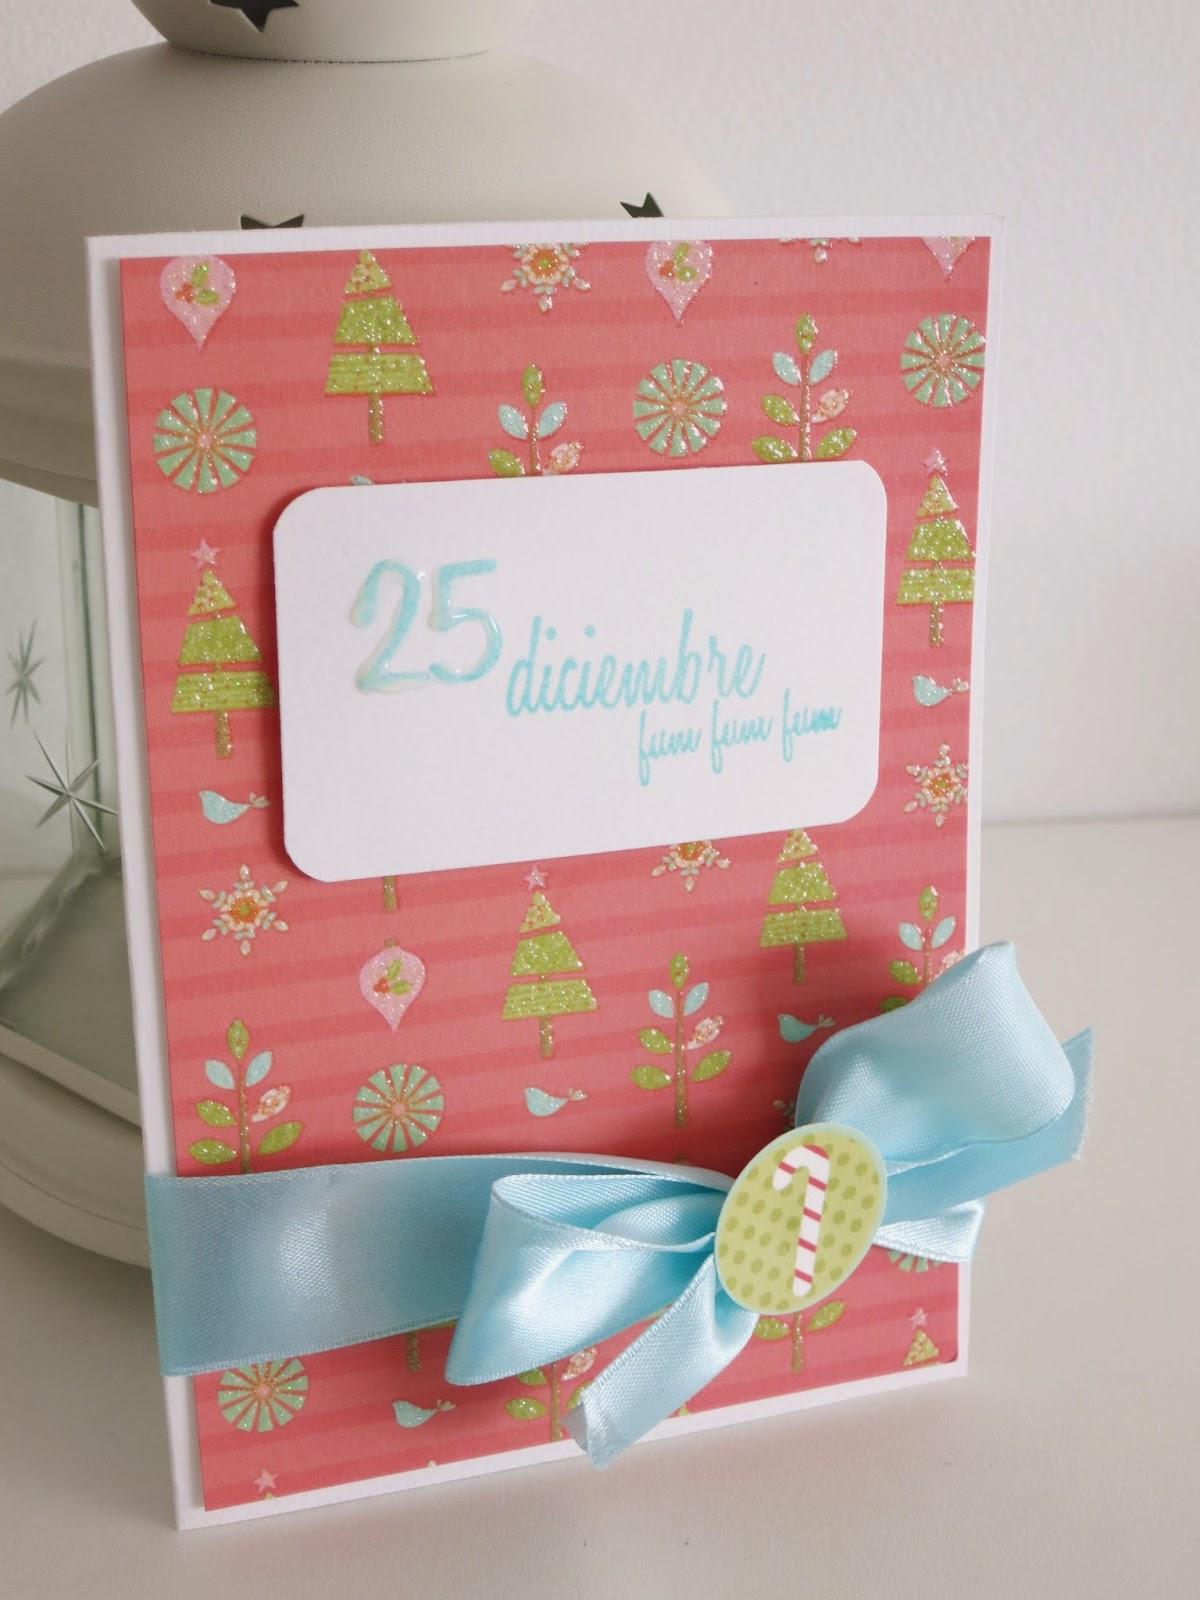 La caixa de scrap tarjeta navide a infantil for Seguro hogar la caixa